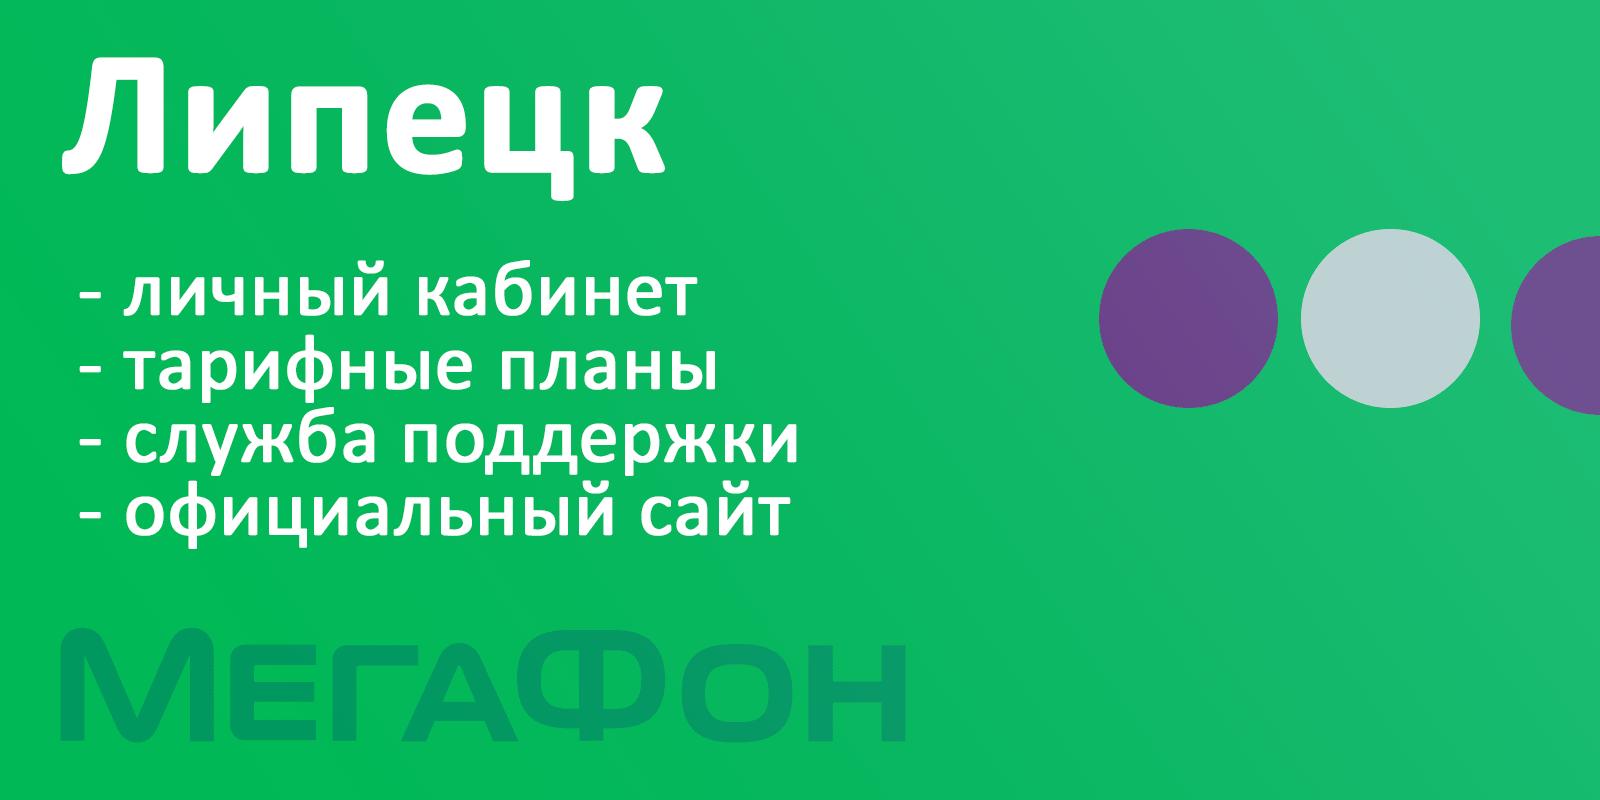 Мегафон Липецк - личный кабинет, тарифы, официальный сайт